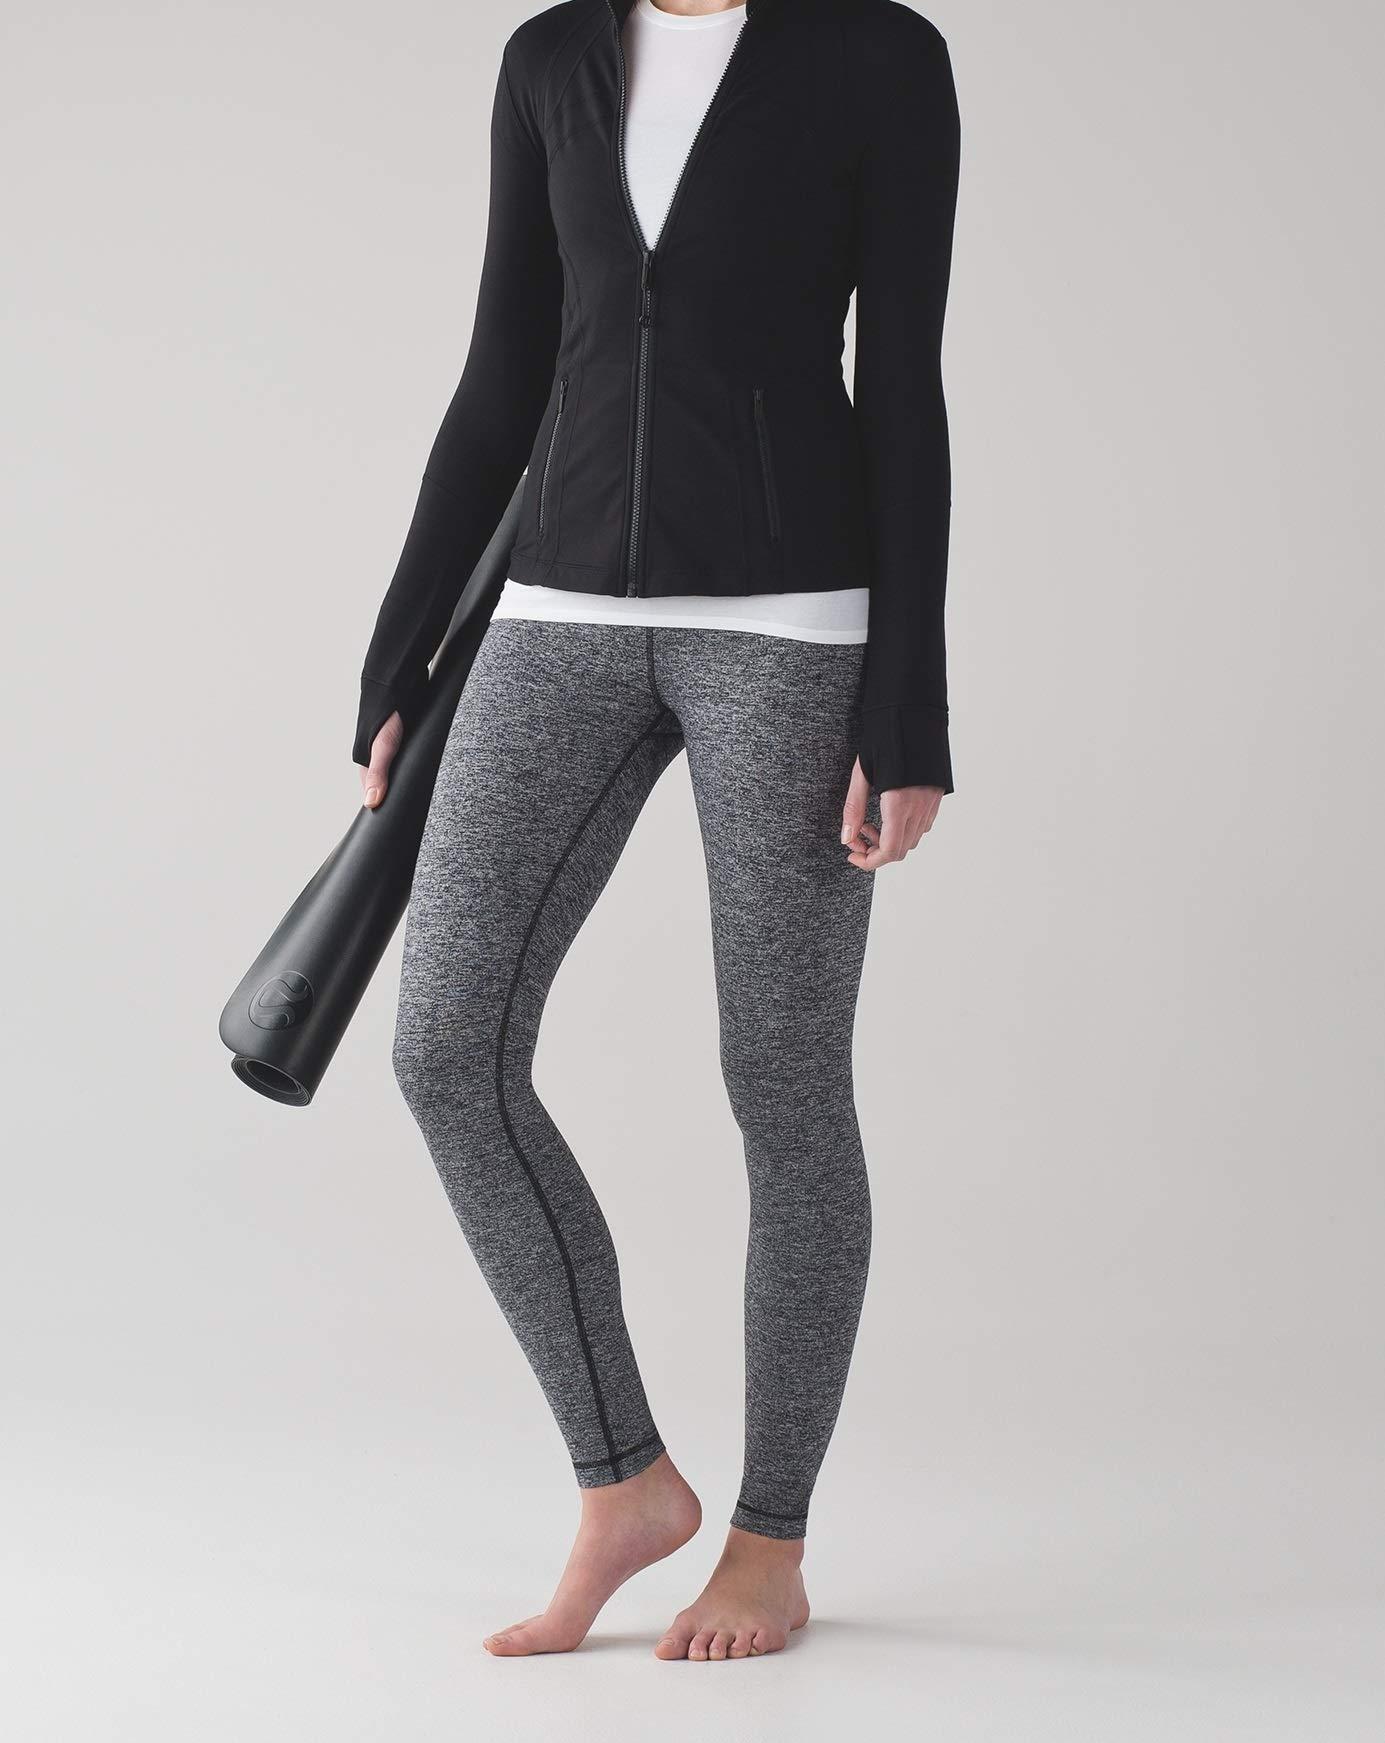 Lululemon Wunder Under Low Rise Tight Yoga Pants (Heathered Black, 12) by Lululemon (Image #4)